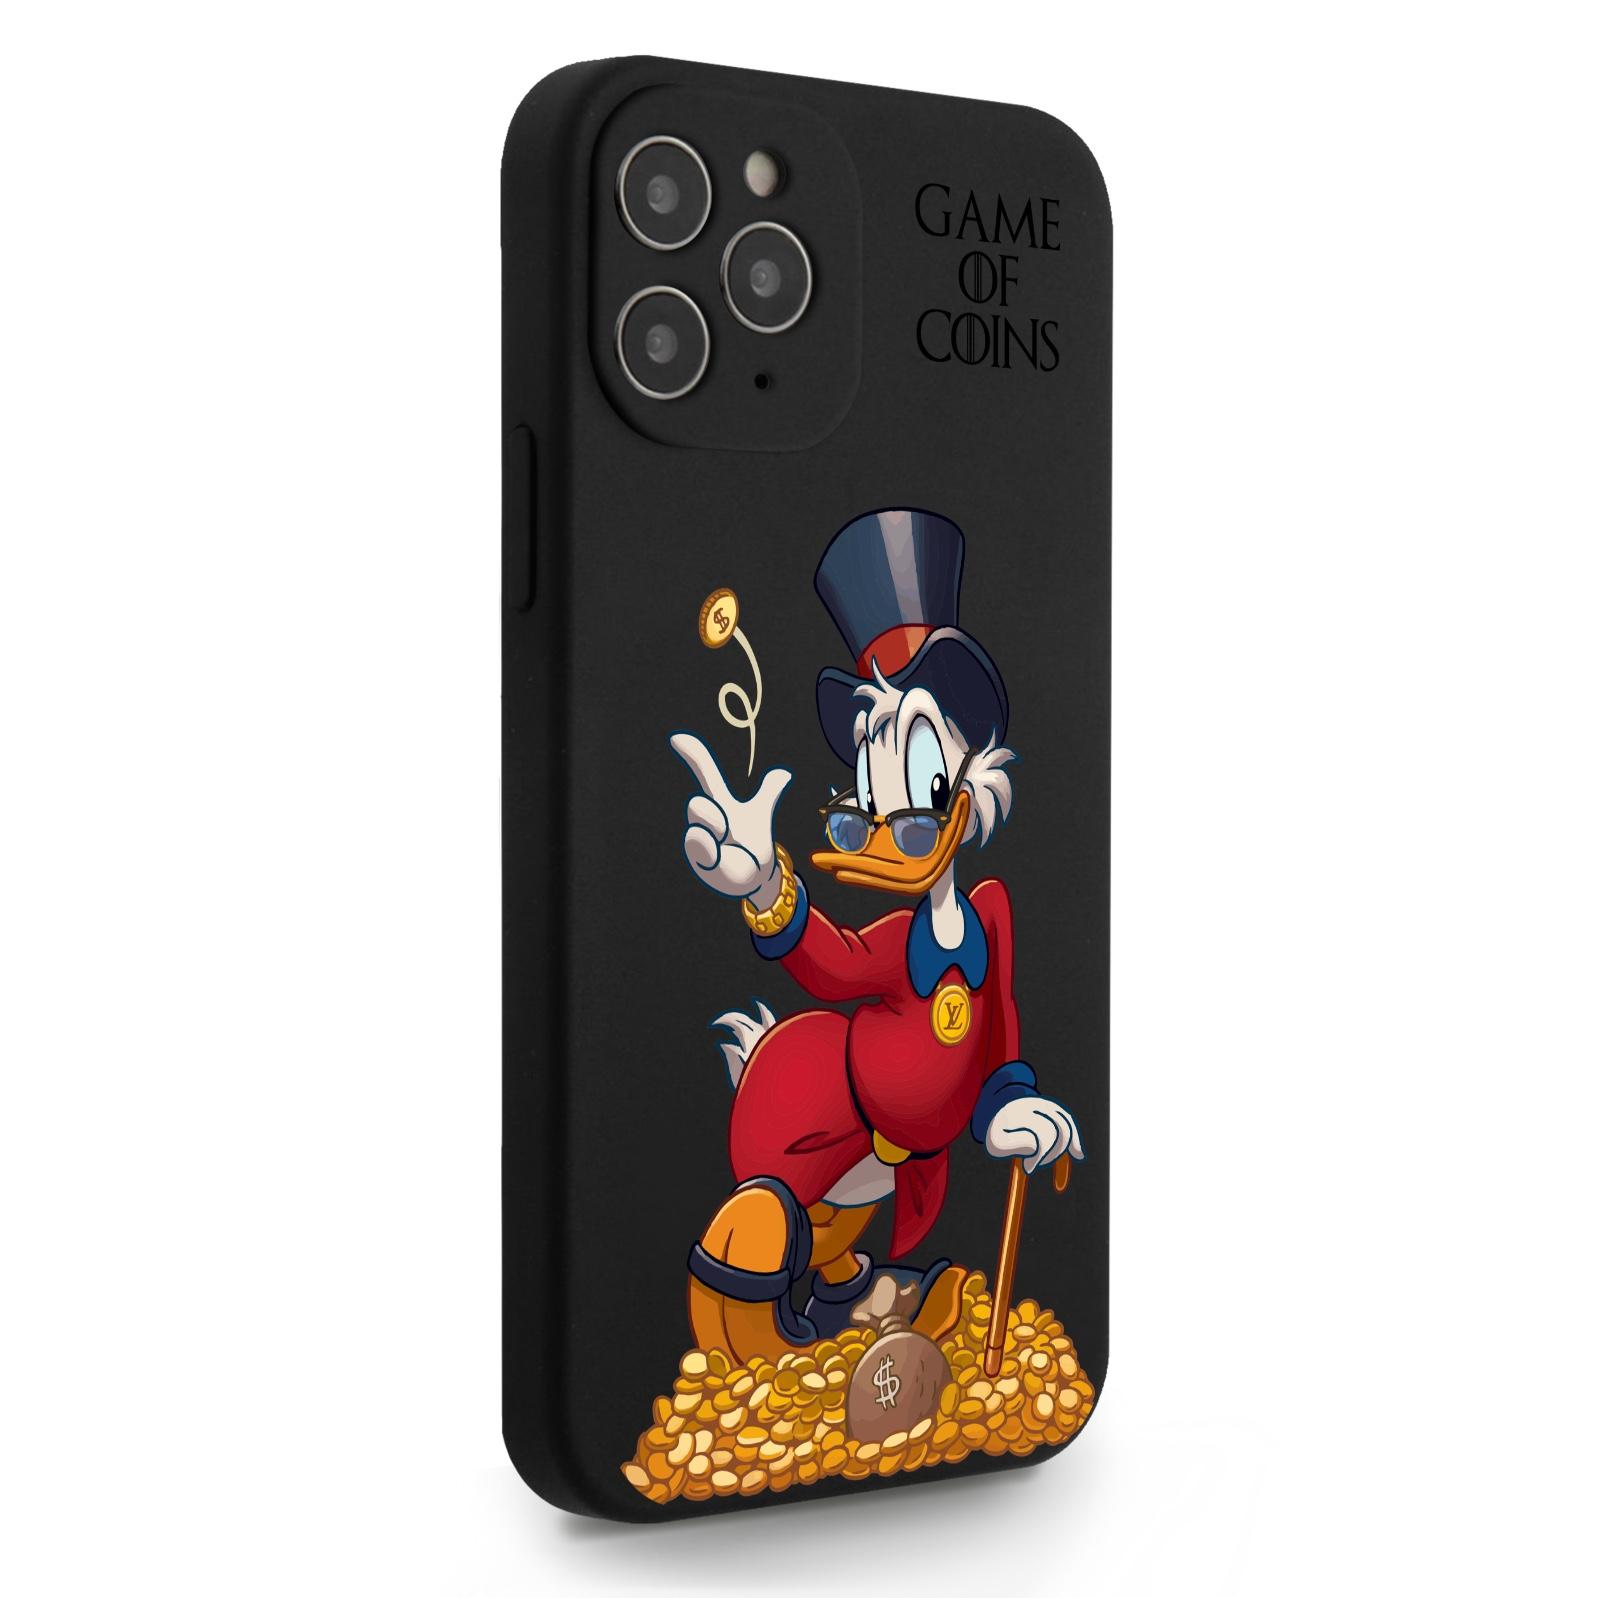 Черный силиконовый чехол для iPhone 12/12 Pro Богатая Утка Игра монет для Айфон 12/12 Про